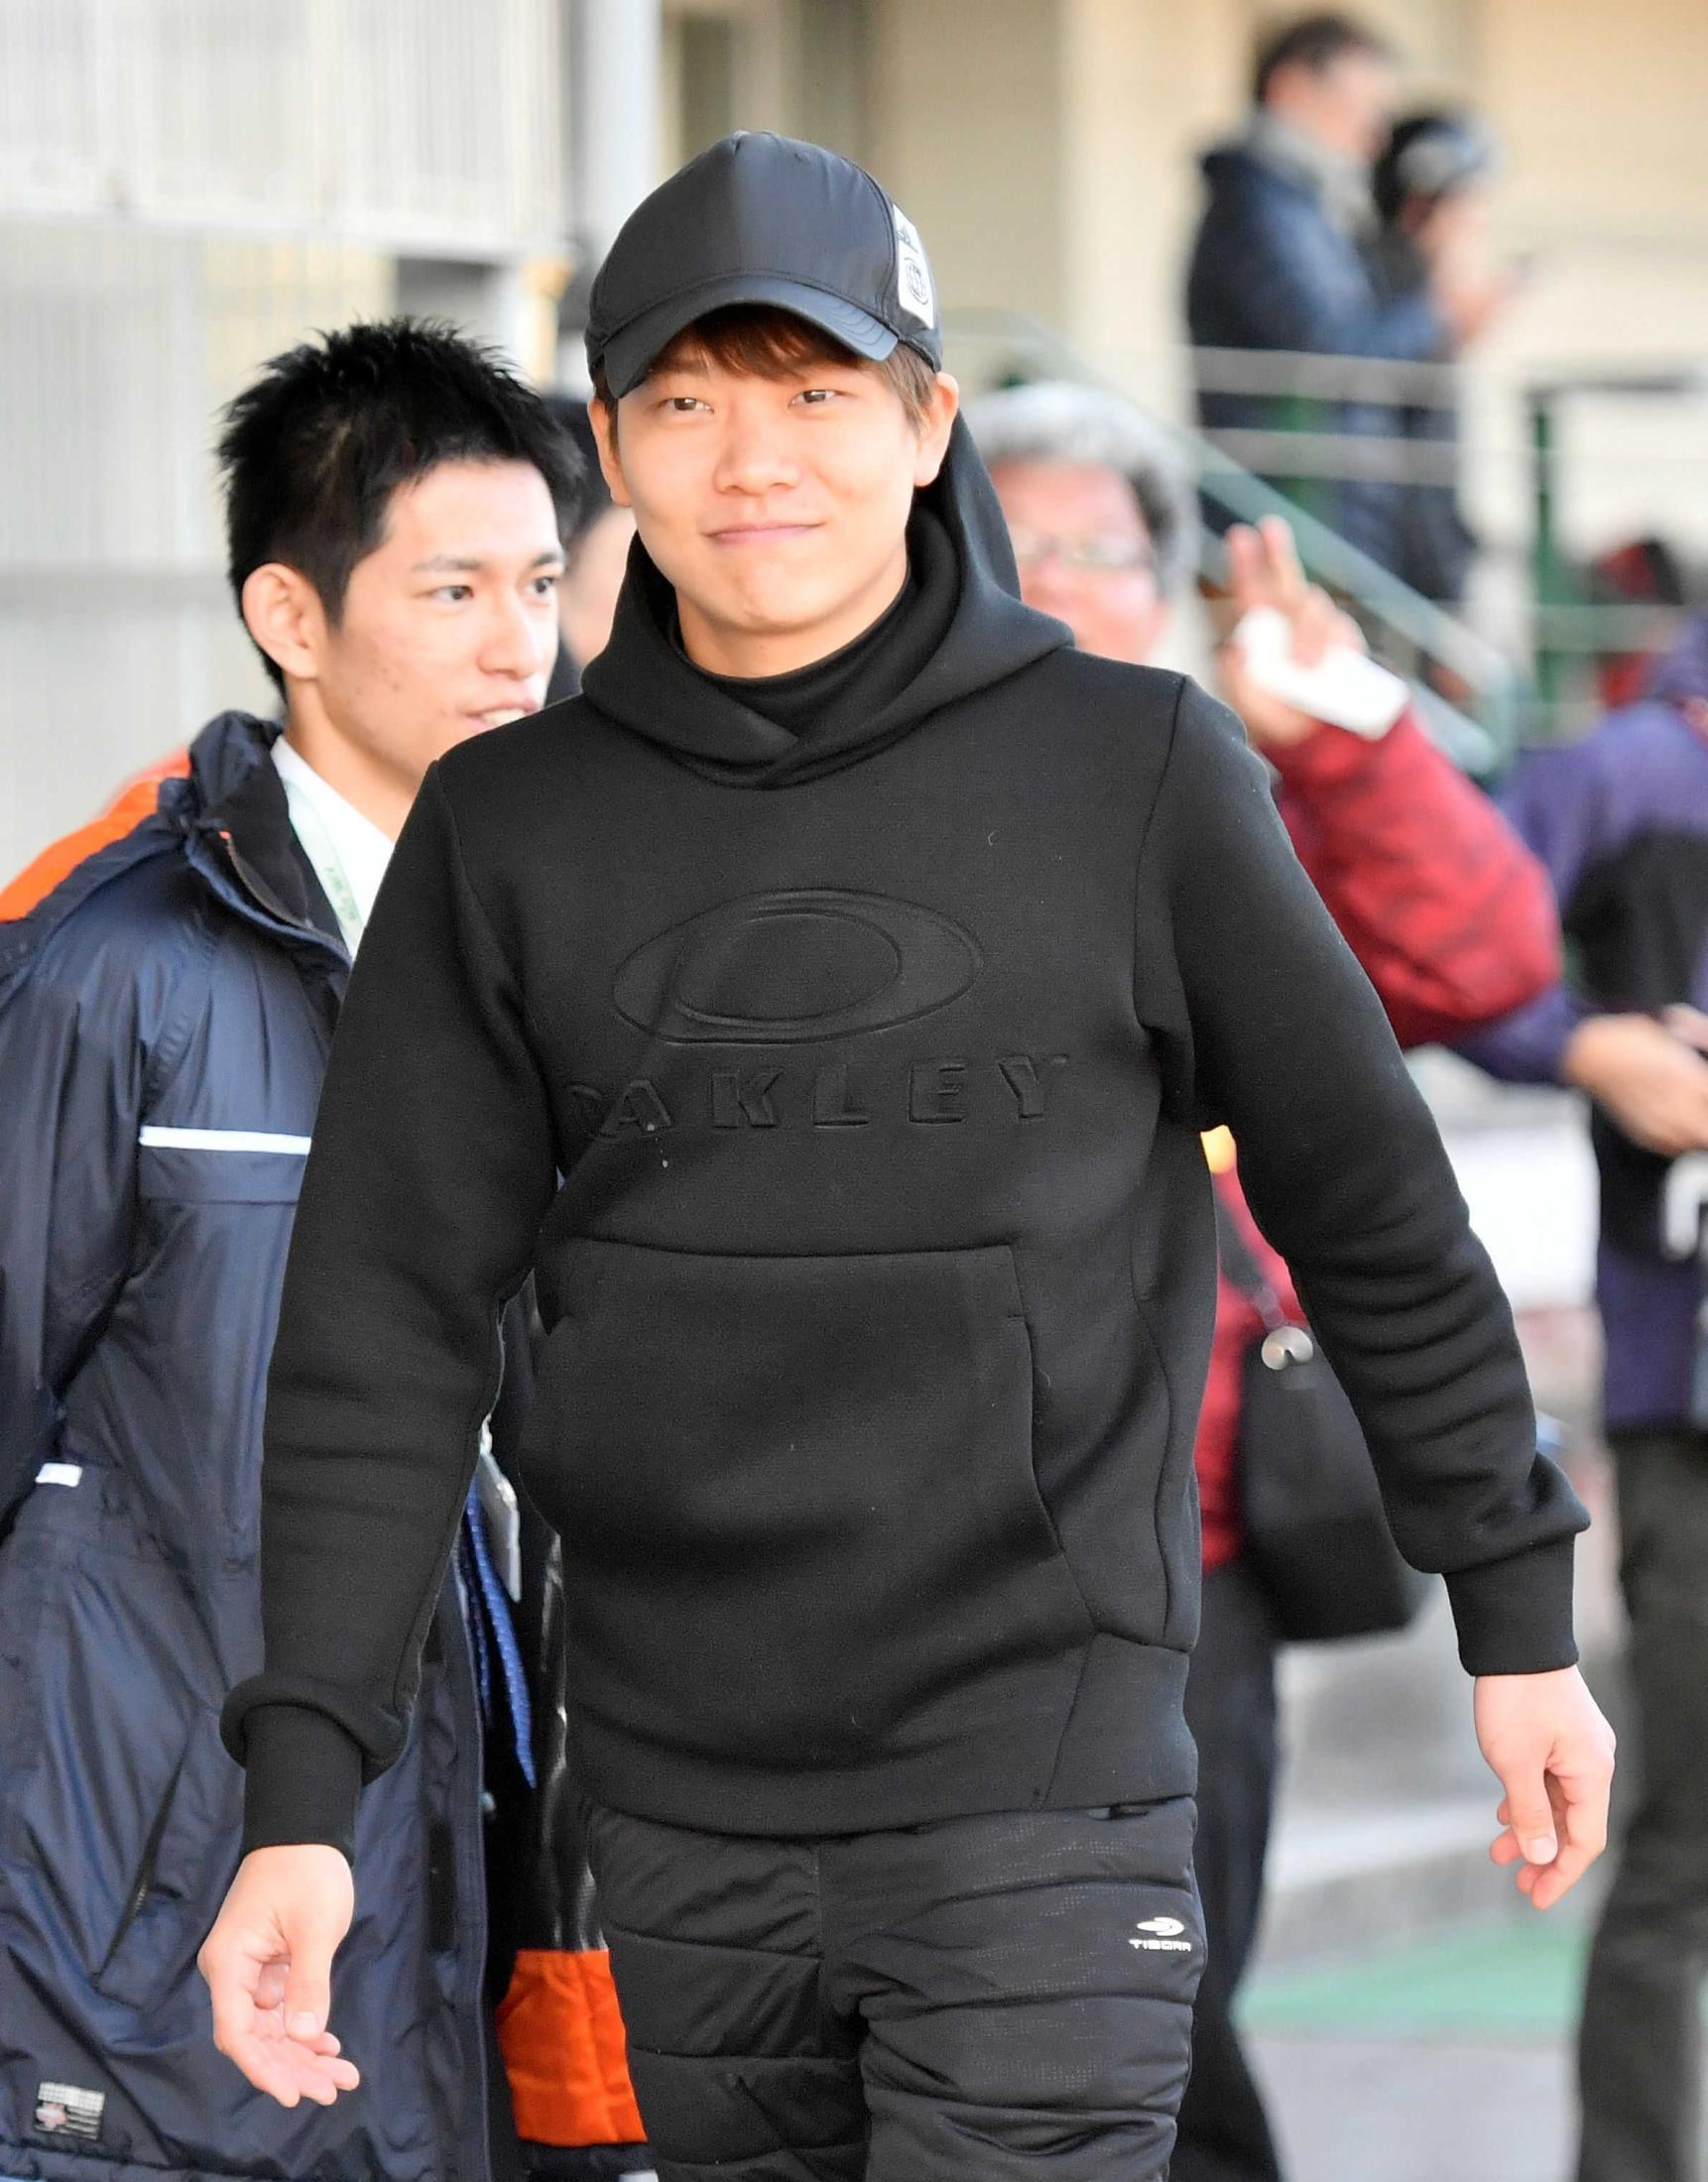 久しぶりに元気な姿を見せた三浦皇成騎手=2月19日、美浦トレセン